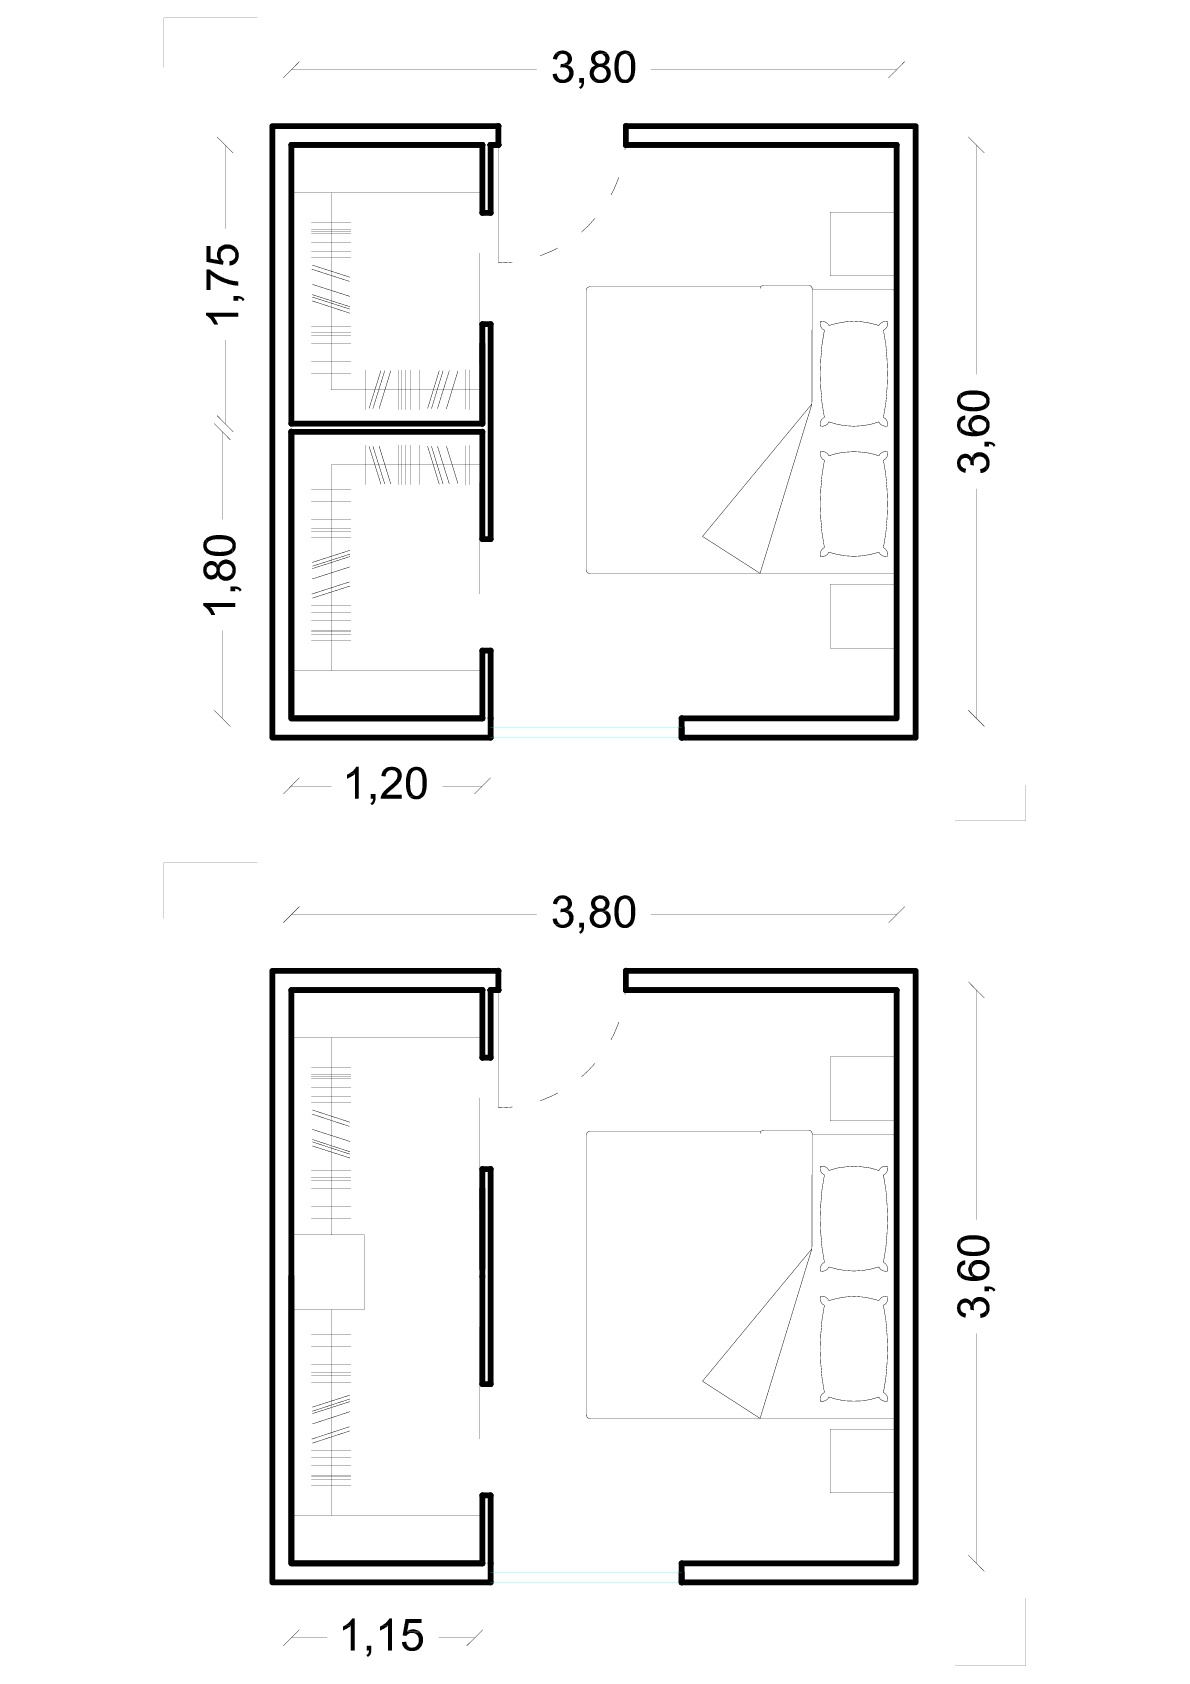 La cabina armadio dimensioni minime ed esempi ferdoge for Misure cabina armadio